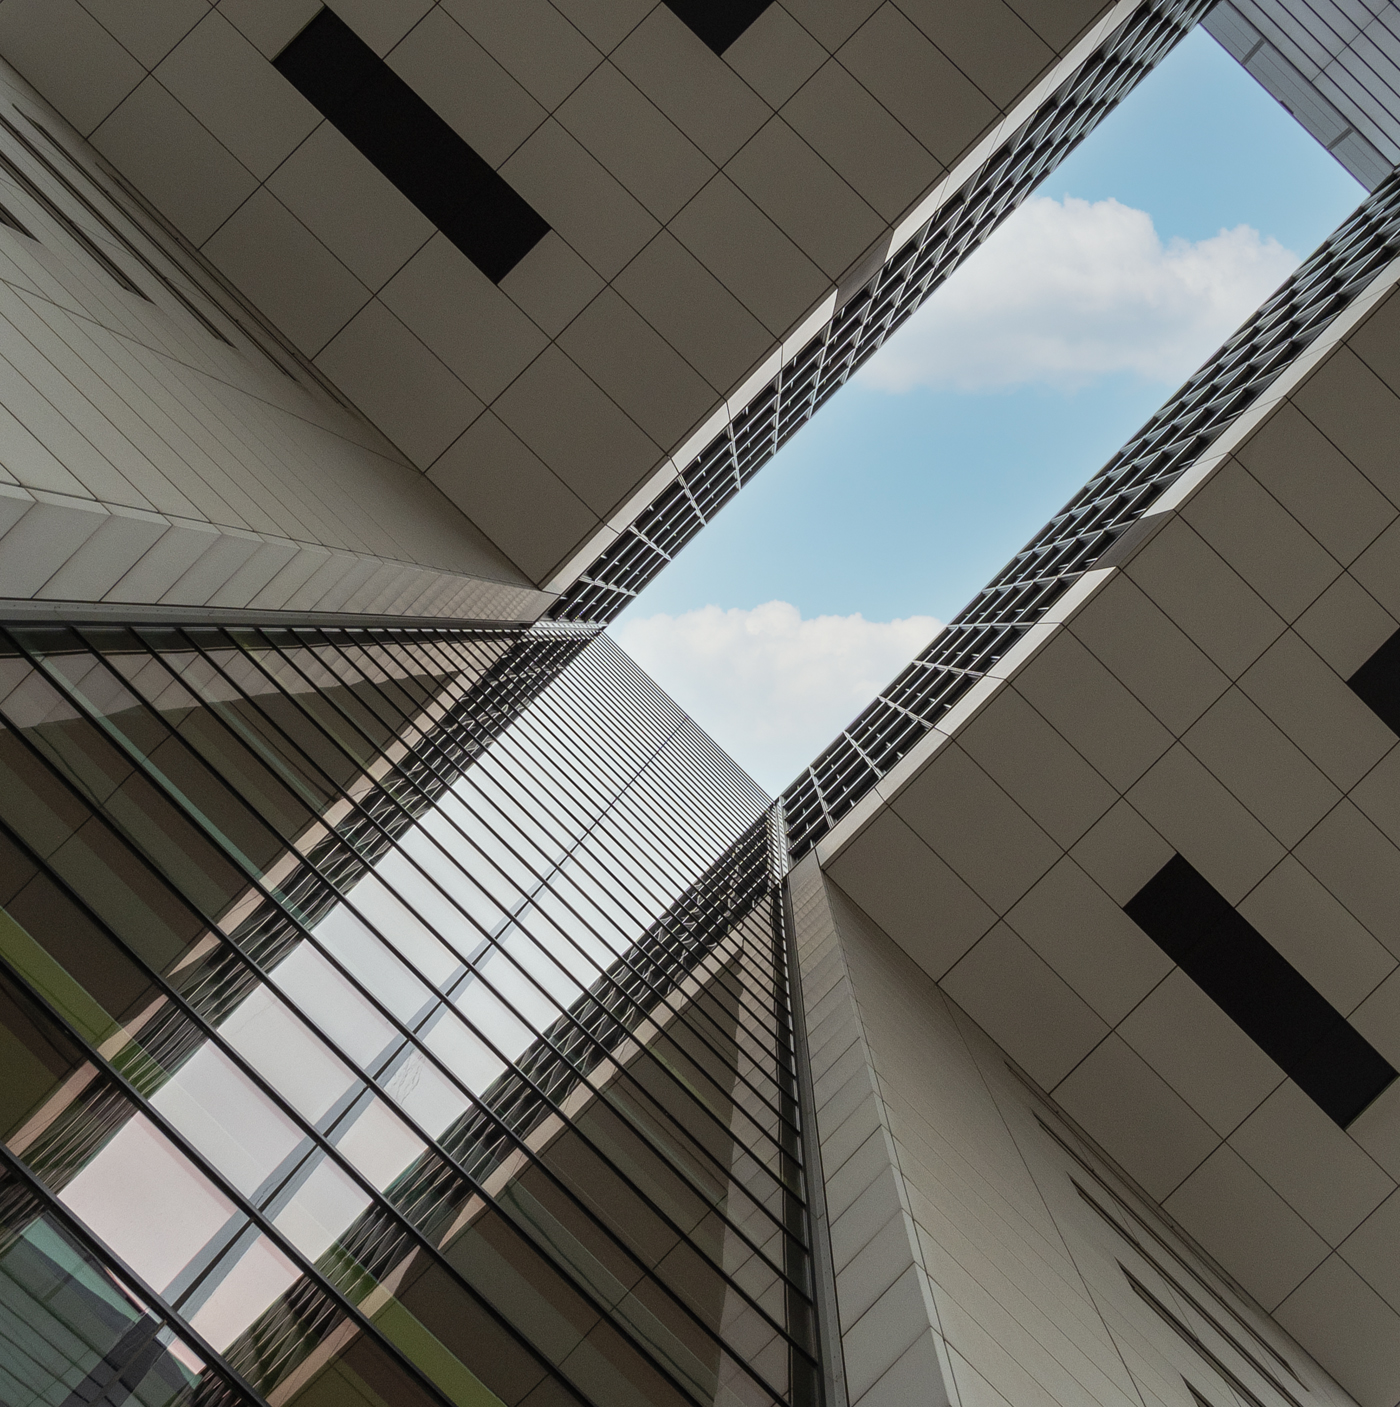 Kranhaus von Unten in der Mitte | © Michael Rettberg